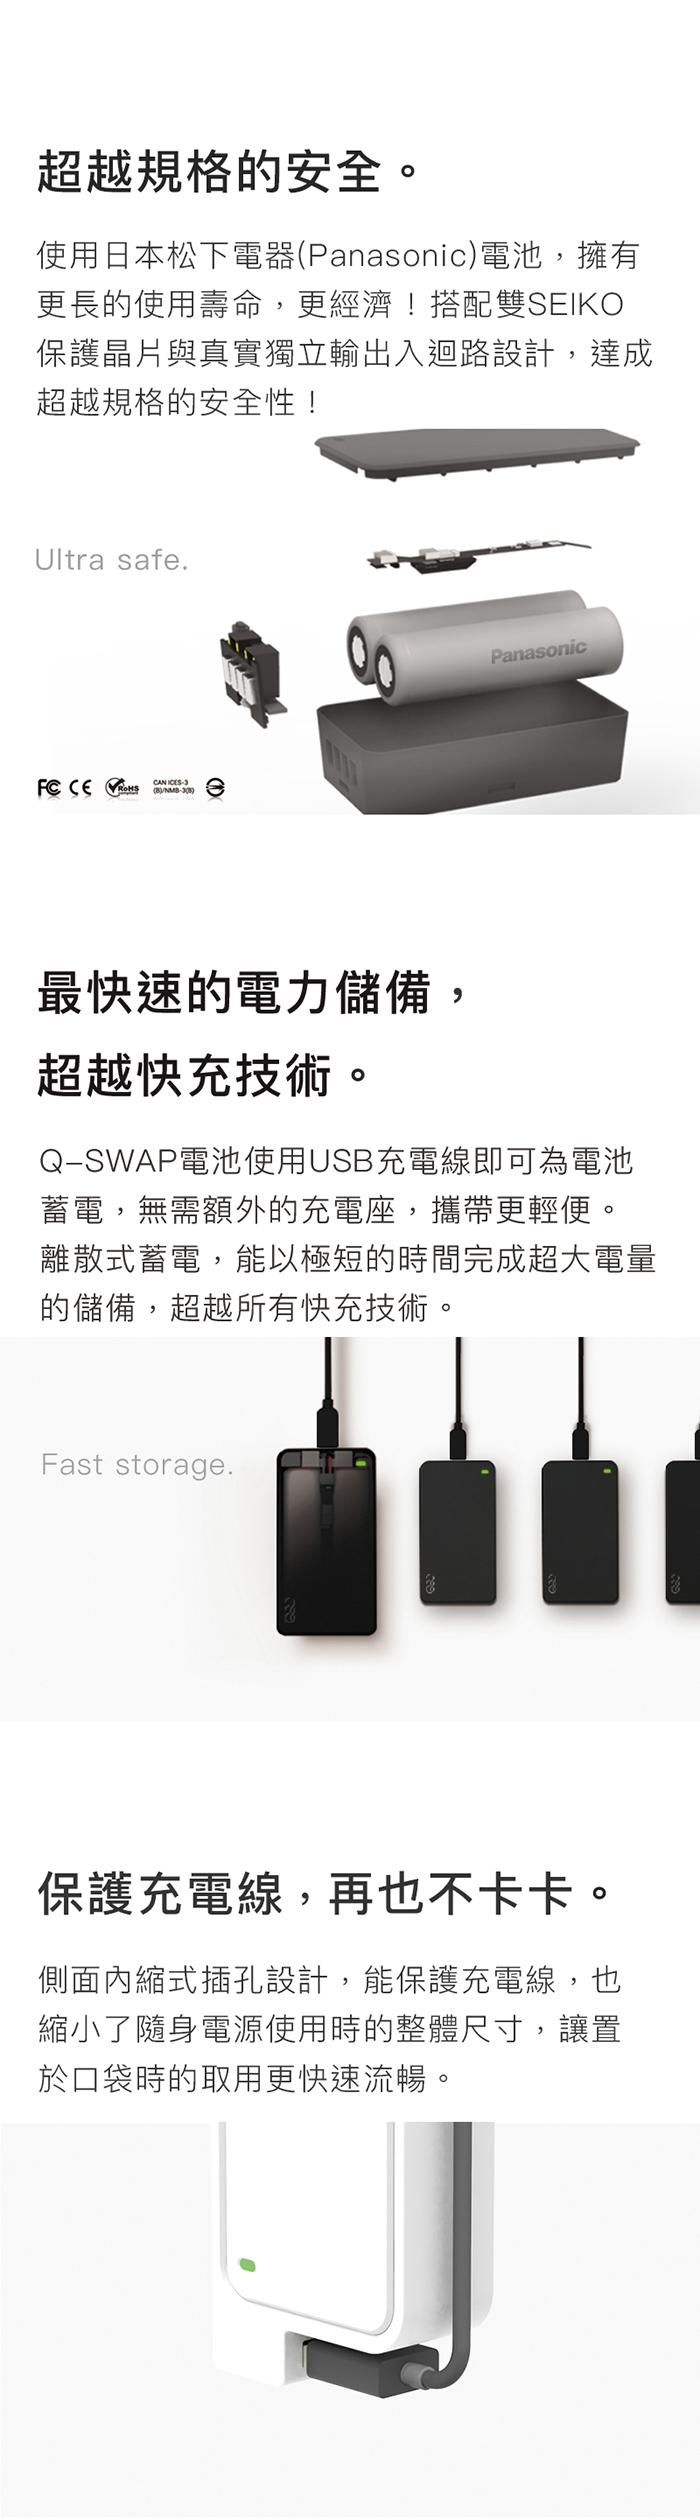 QQC Q-SWAP 行動電源 15600 - 黑色